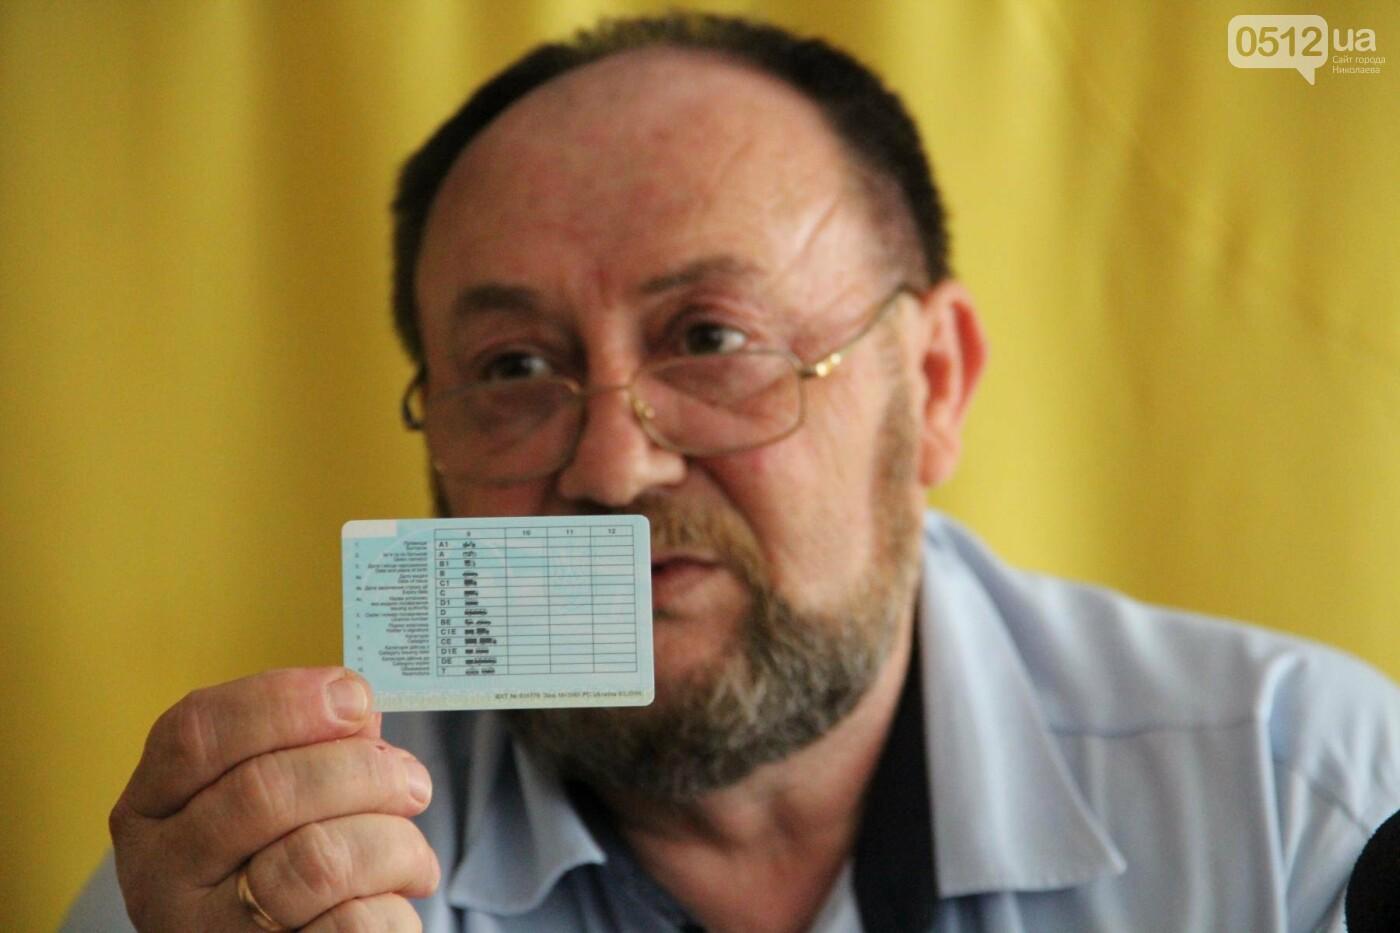 Права на 2 и 3 года: в Николаеве разьяснили о нововведениях при получении водительского удостоверения, - ФОТО, фото-5